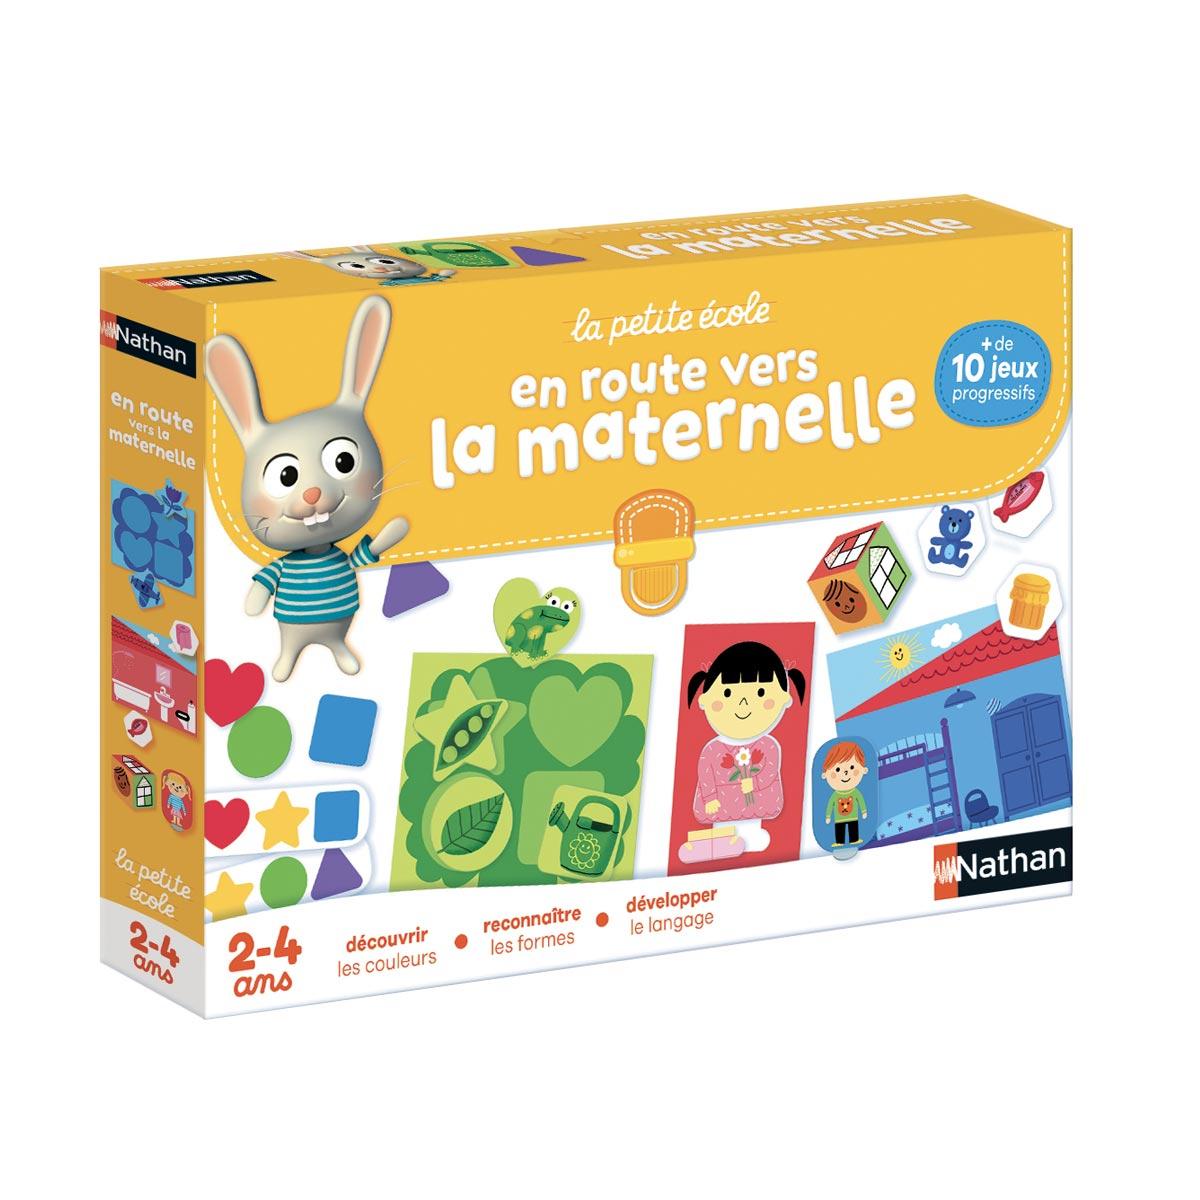 Coffret De Jeux En Route Vers La Maternelle pour Jeux Educatif 4 Ans Gratuit En Ligne